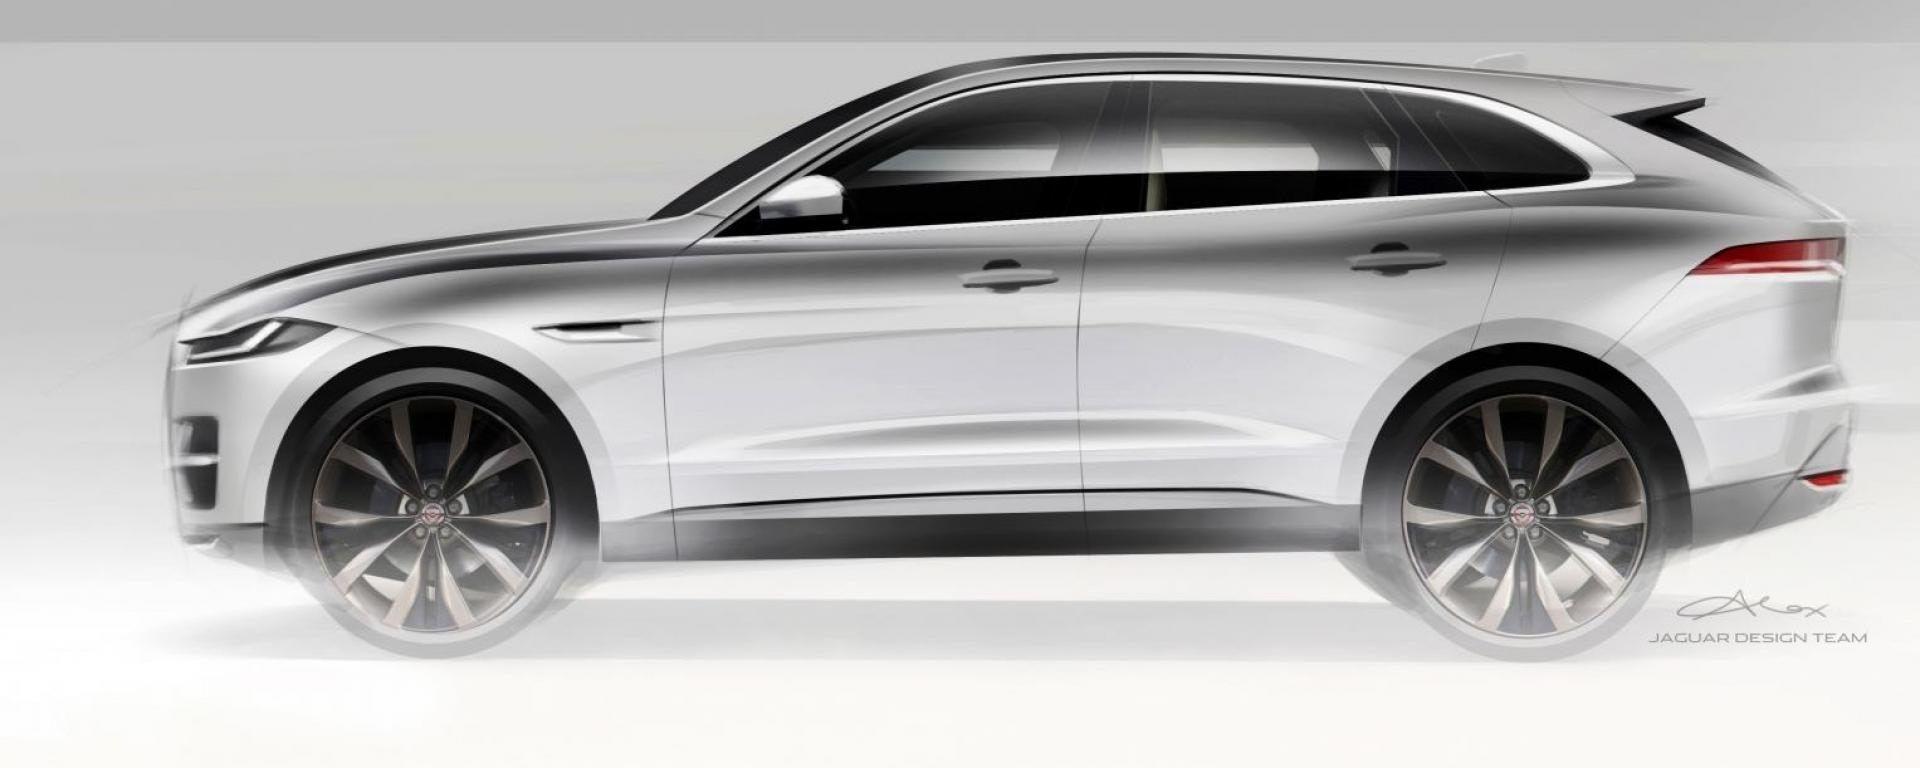 New Jaguar E Pace Ibrida 2020 Prices New Jaguar Automotive Design Jaguar